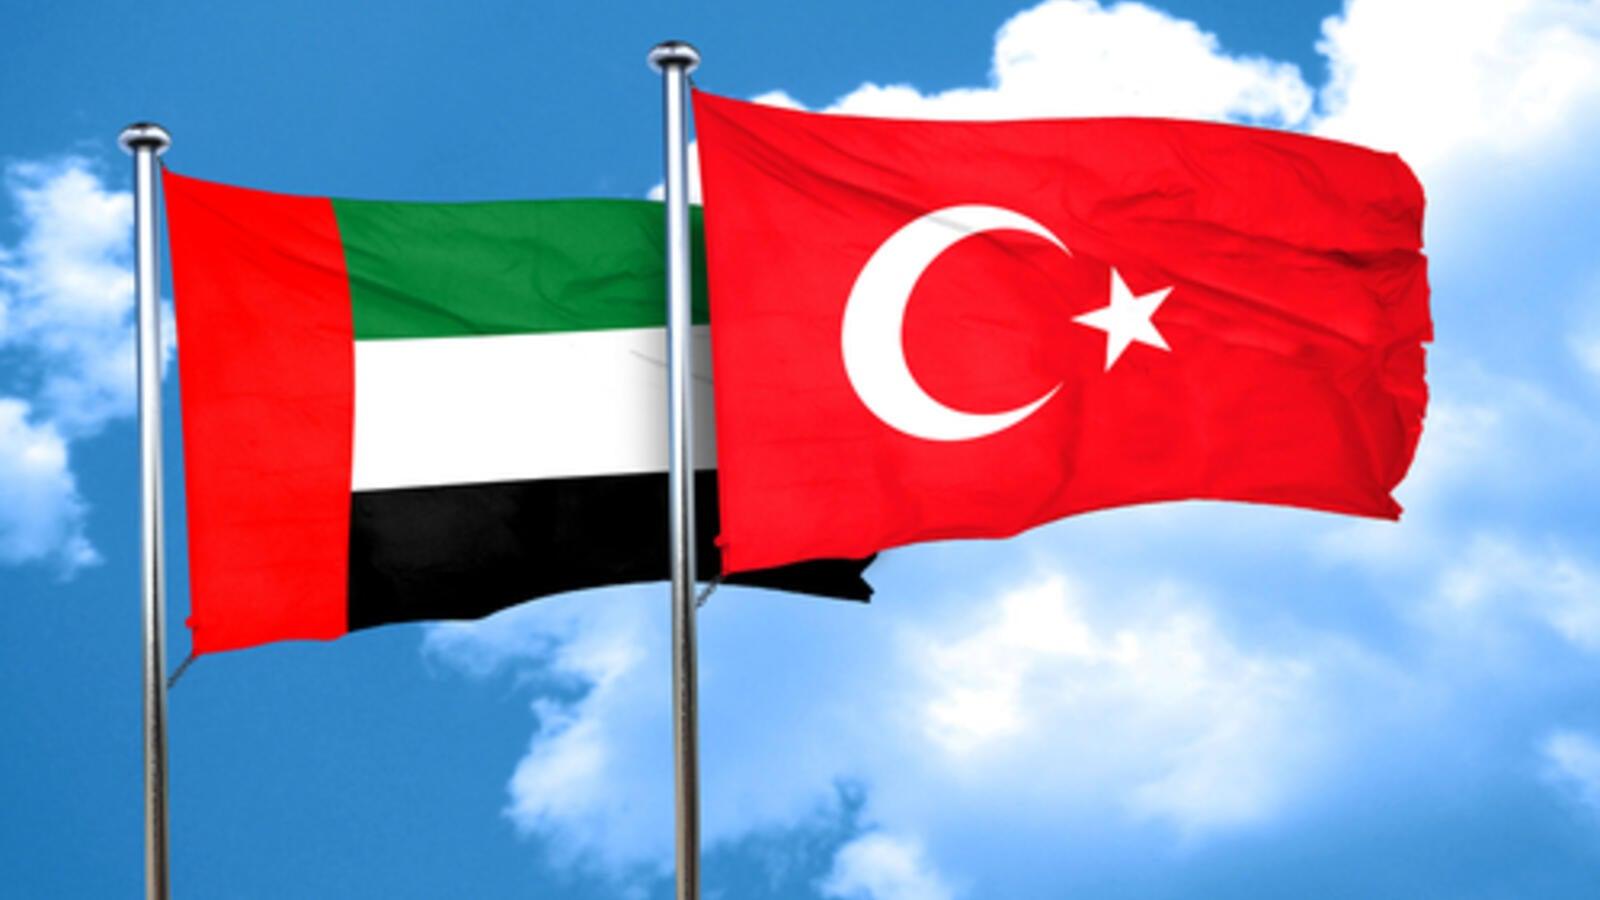 صورة لأول مرة.. الإمارات وتركيا تتبادلات الرسائل الايجابية- هل حان الوقت التغيير؟